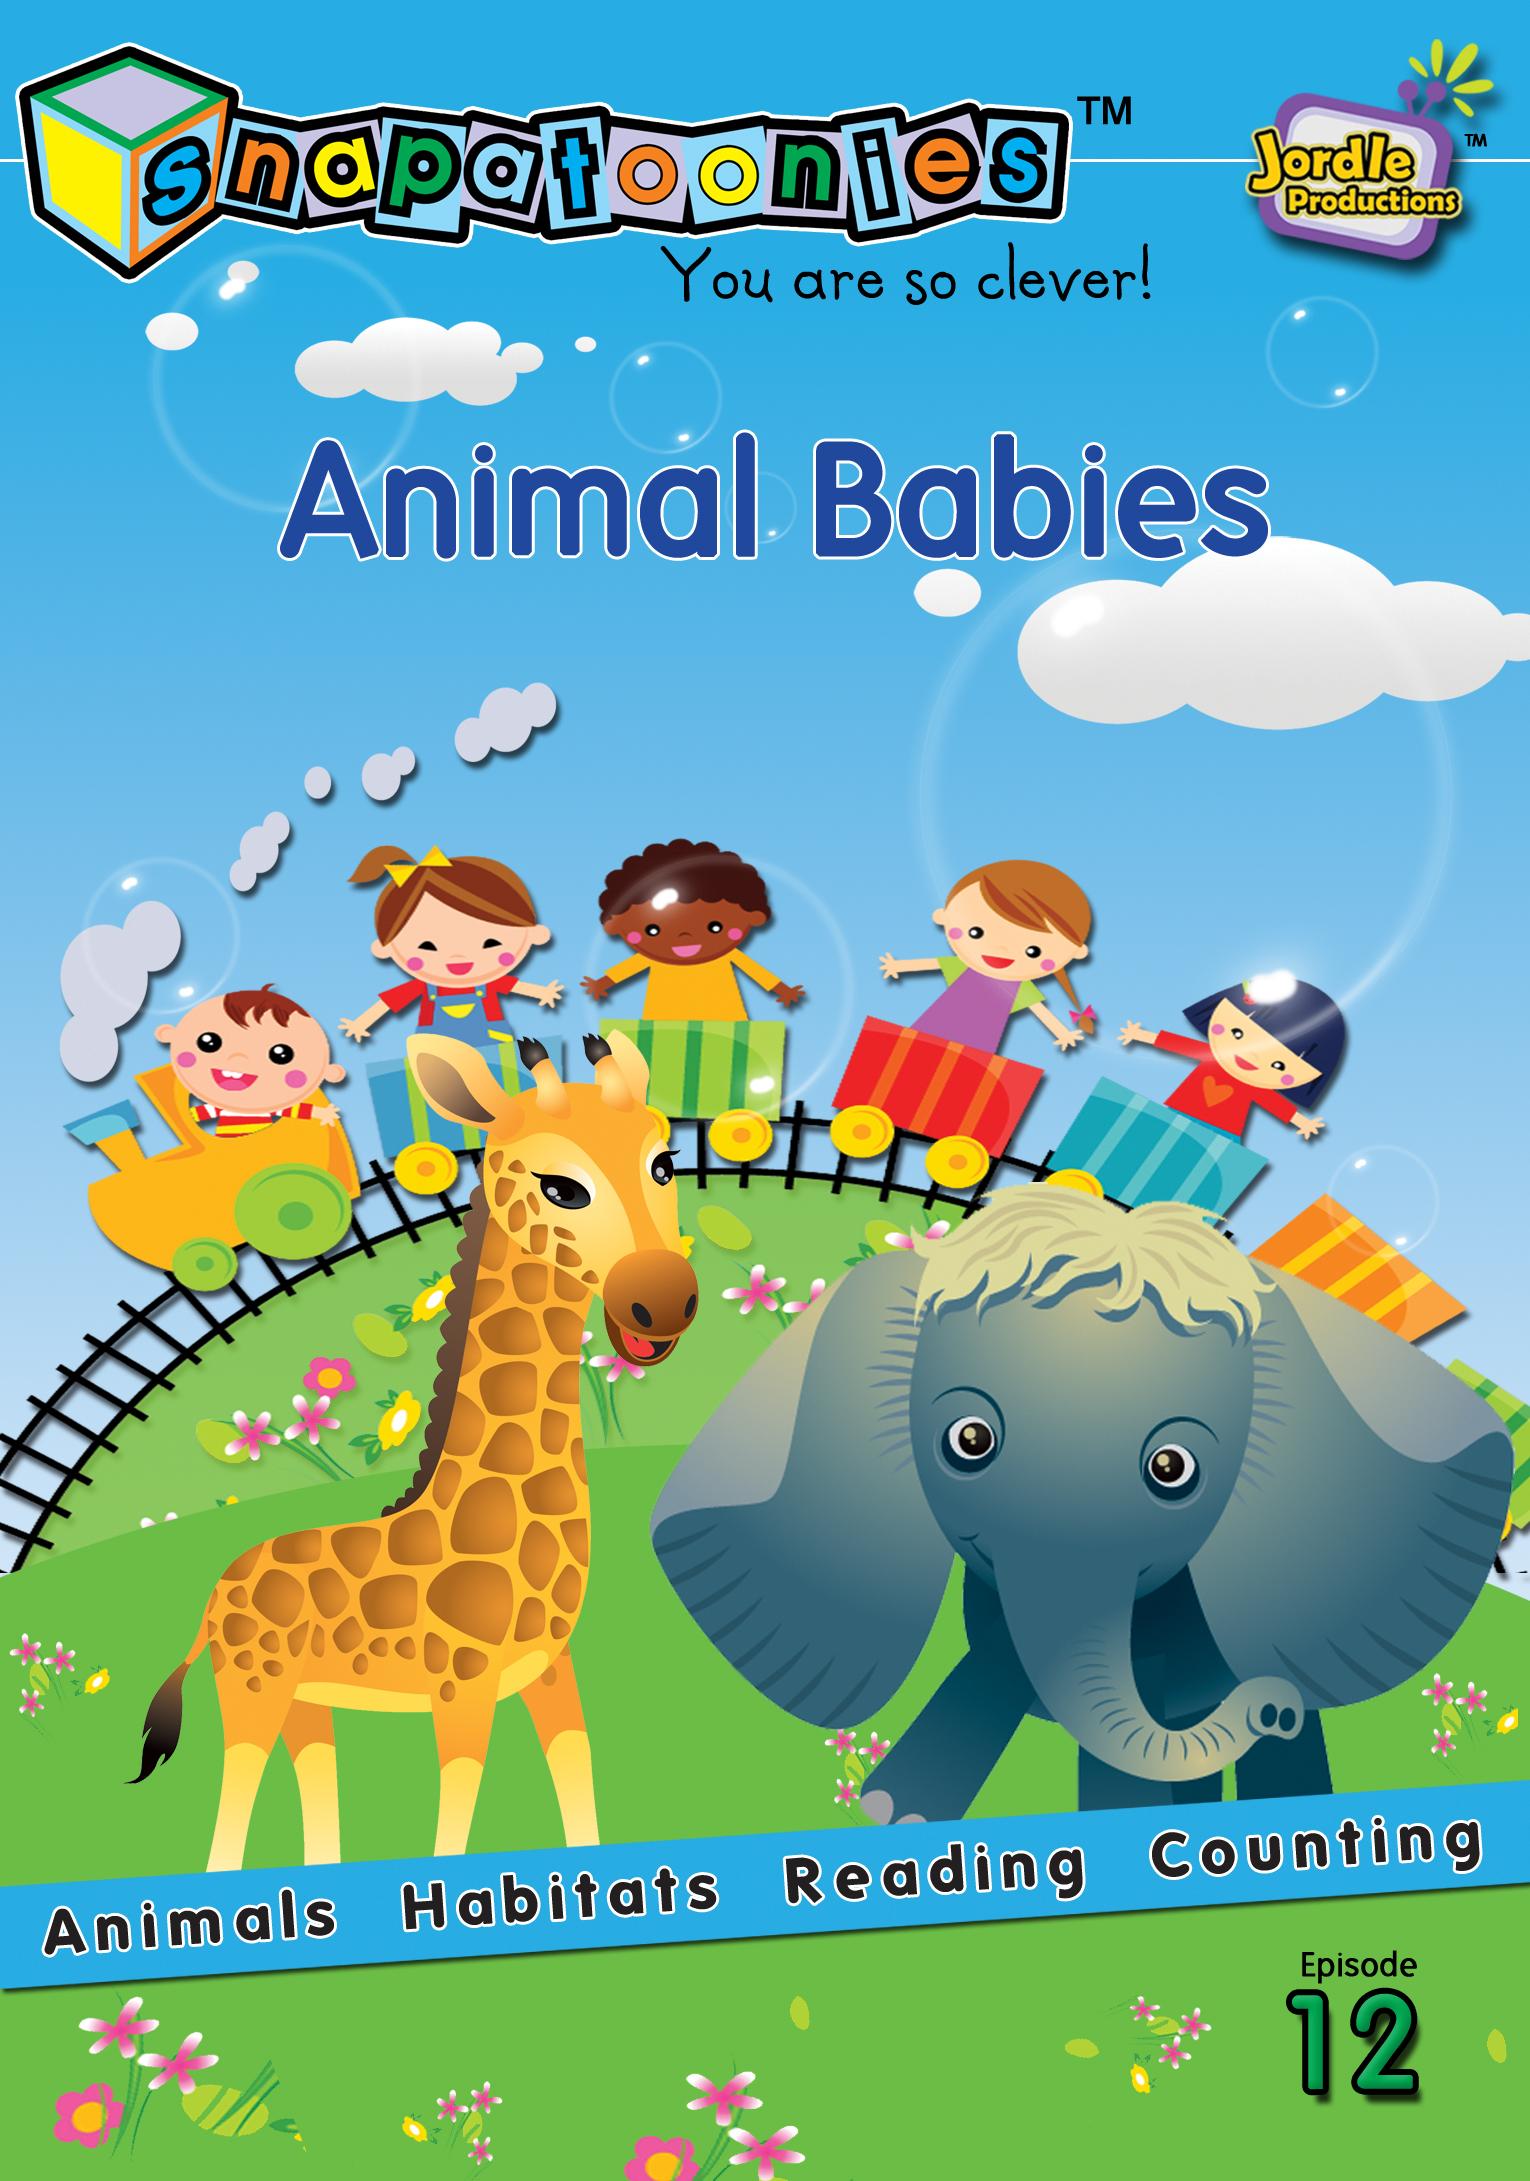 Snapatoonies Animal Babies